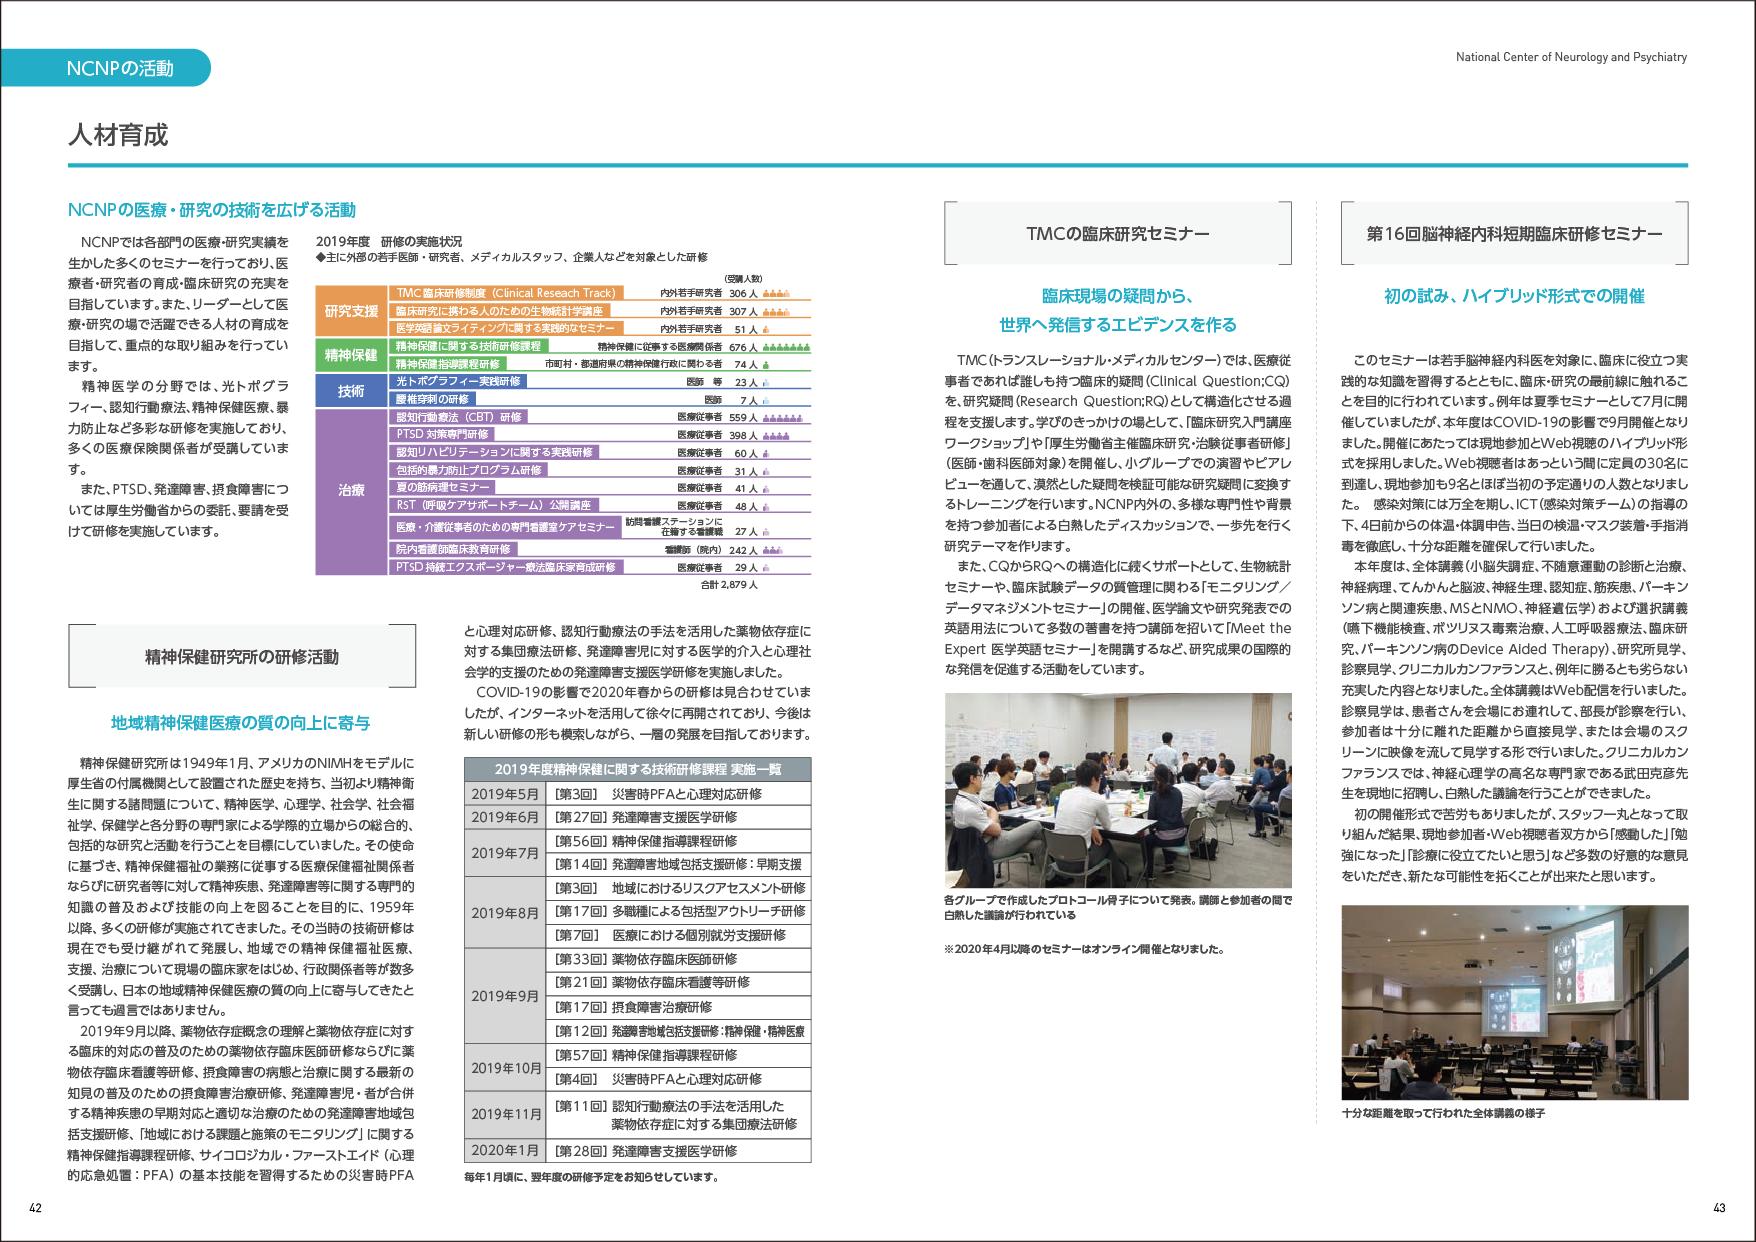 国立研究開発法人 国立精神・神経医療研究センター様 ANNUAL REPORT2019-2020